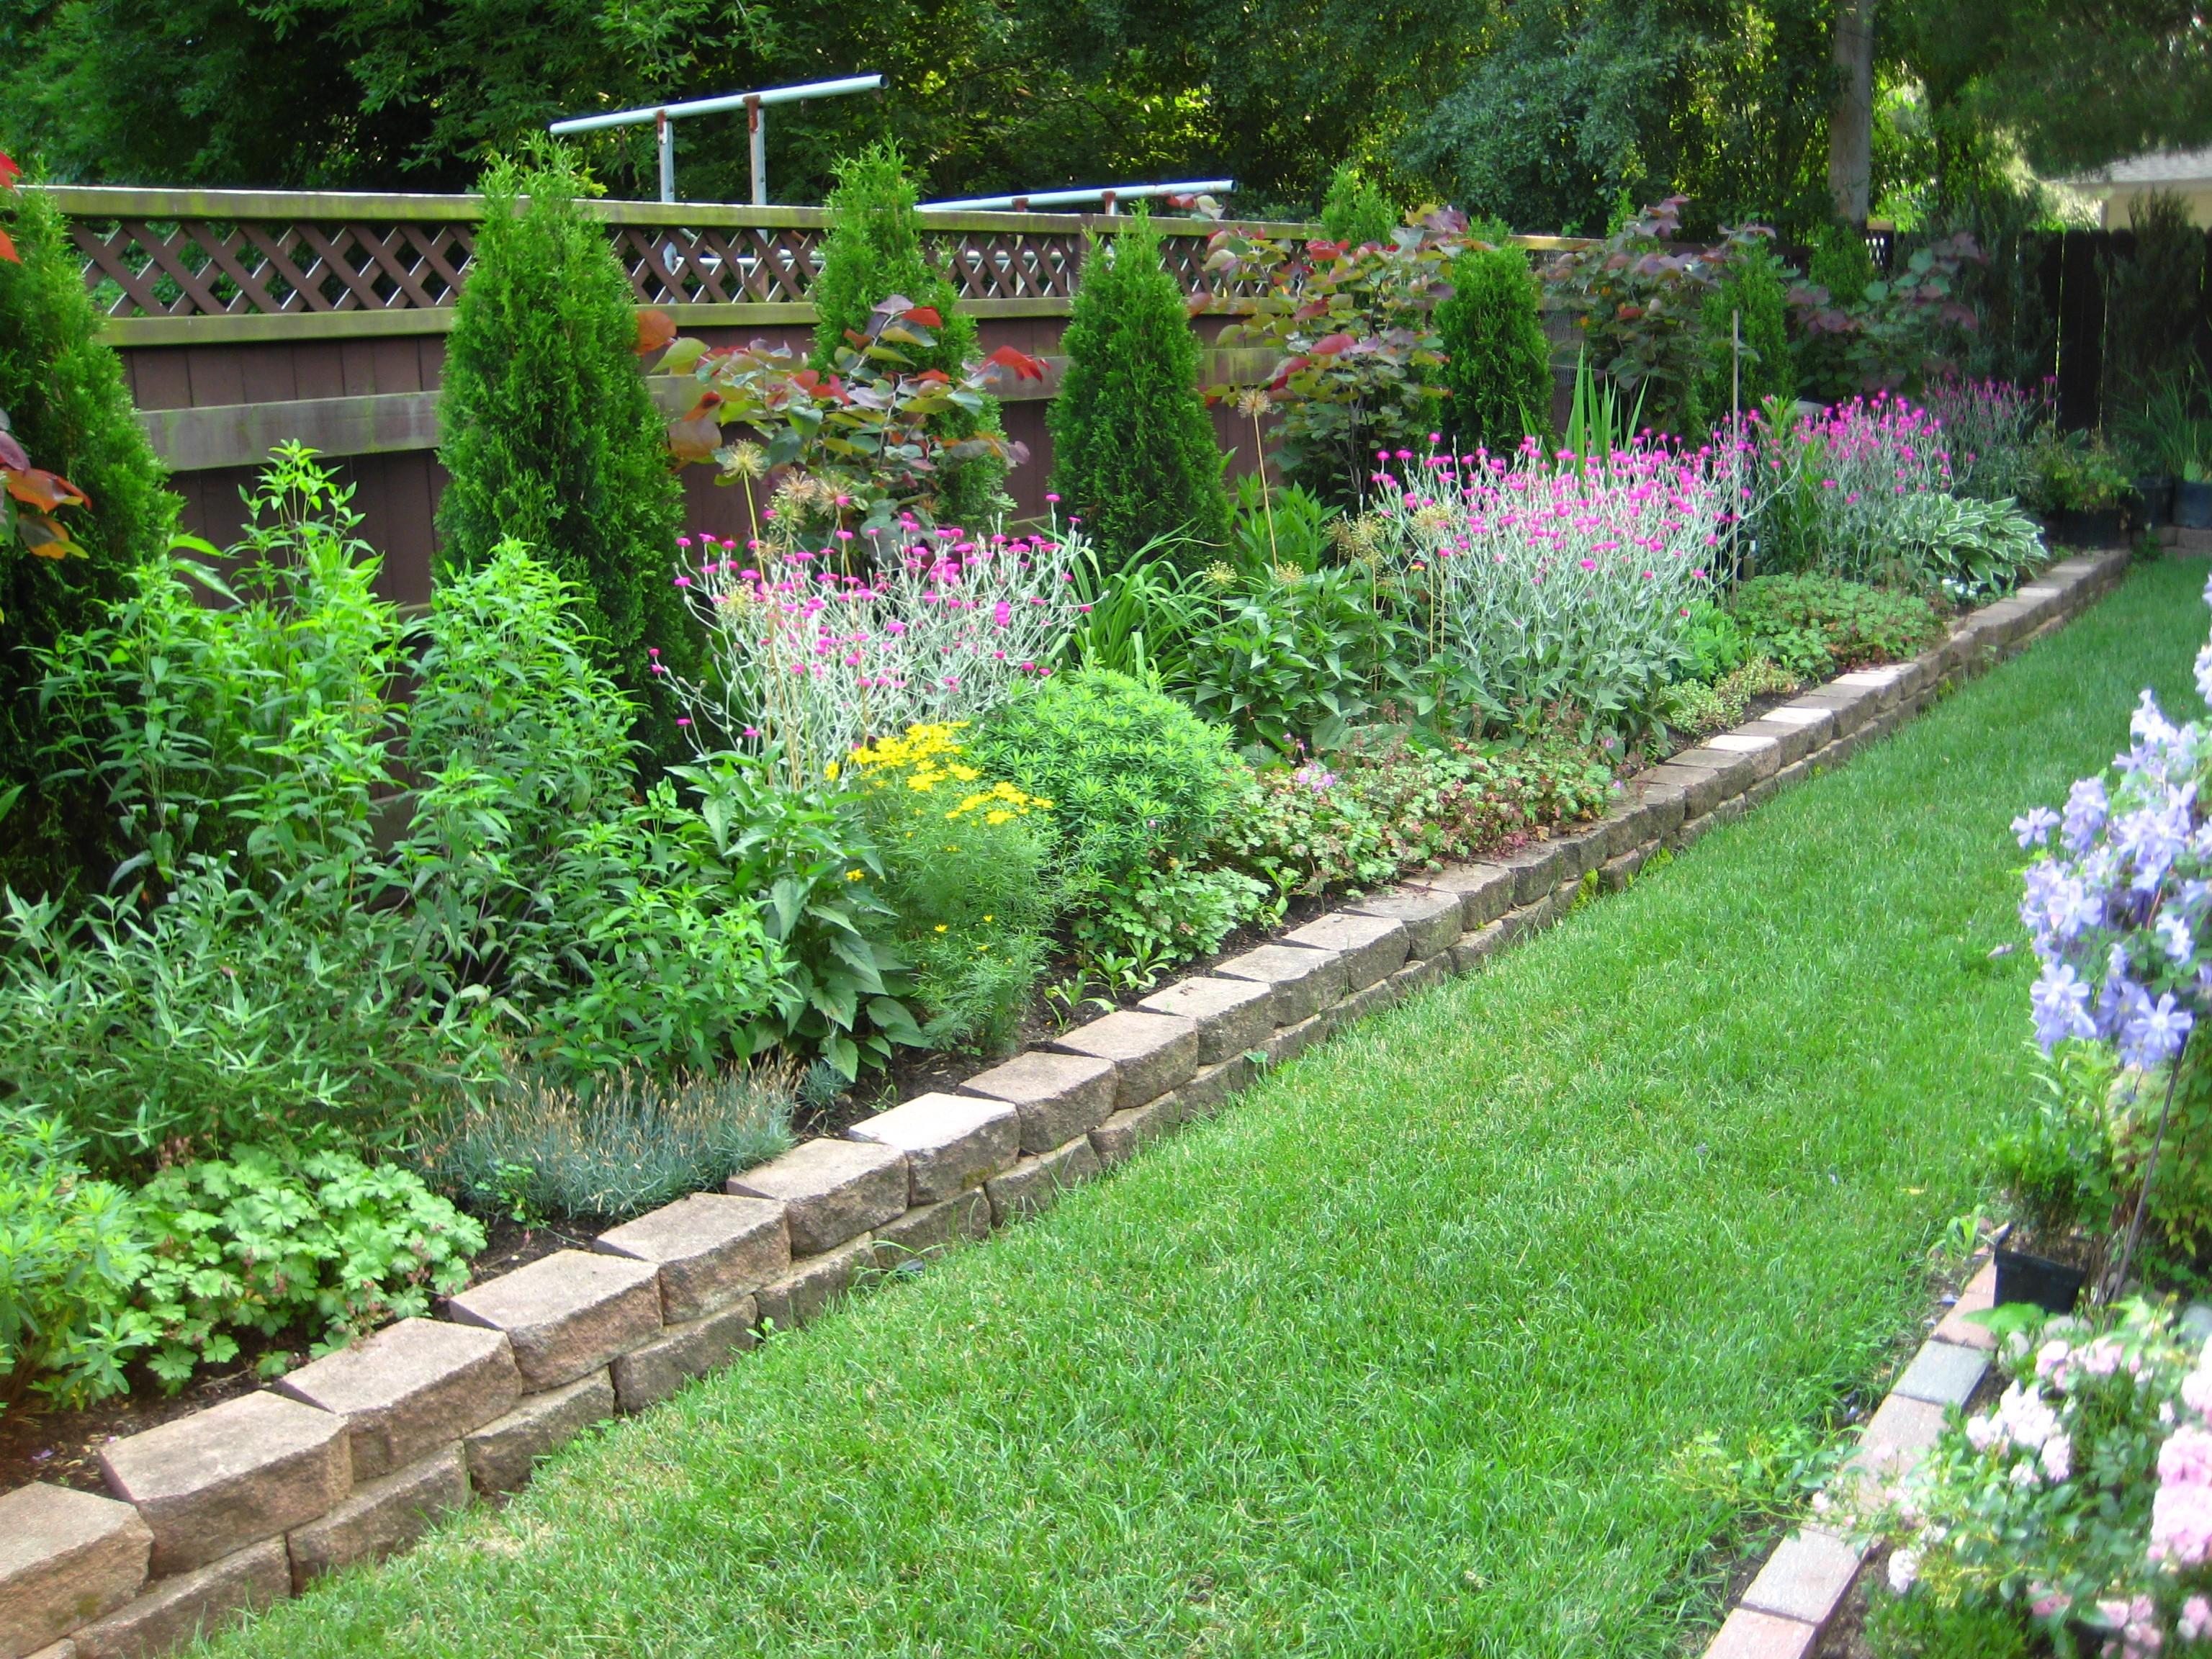 «Выбираем ландшафтный дизайн своего сада своими руками» фото - garden design ideas hard landscaping 6